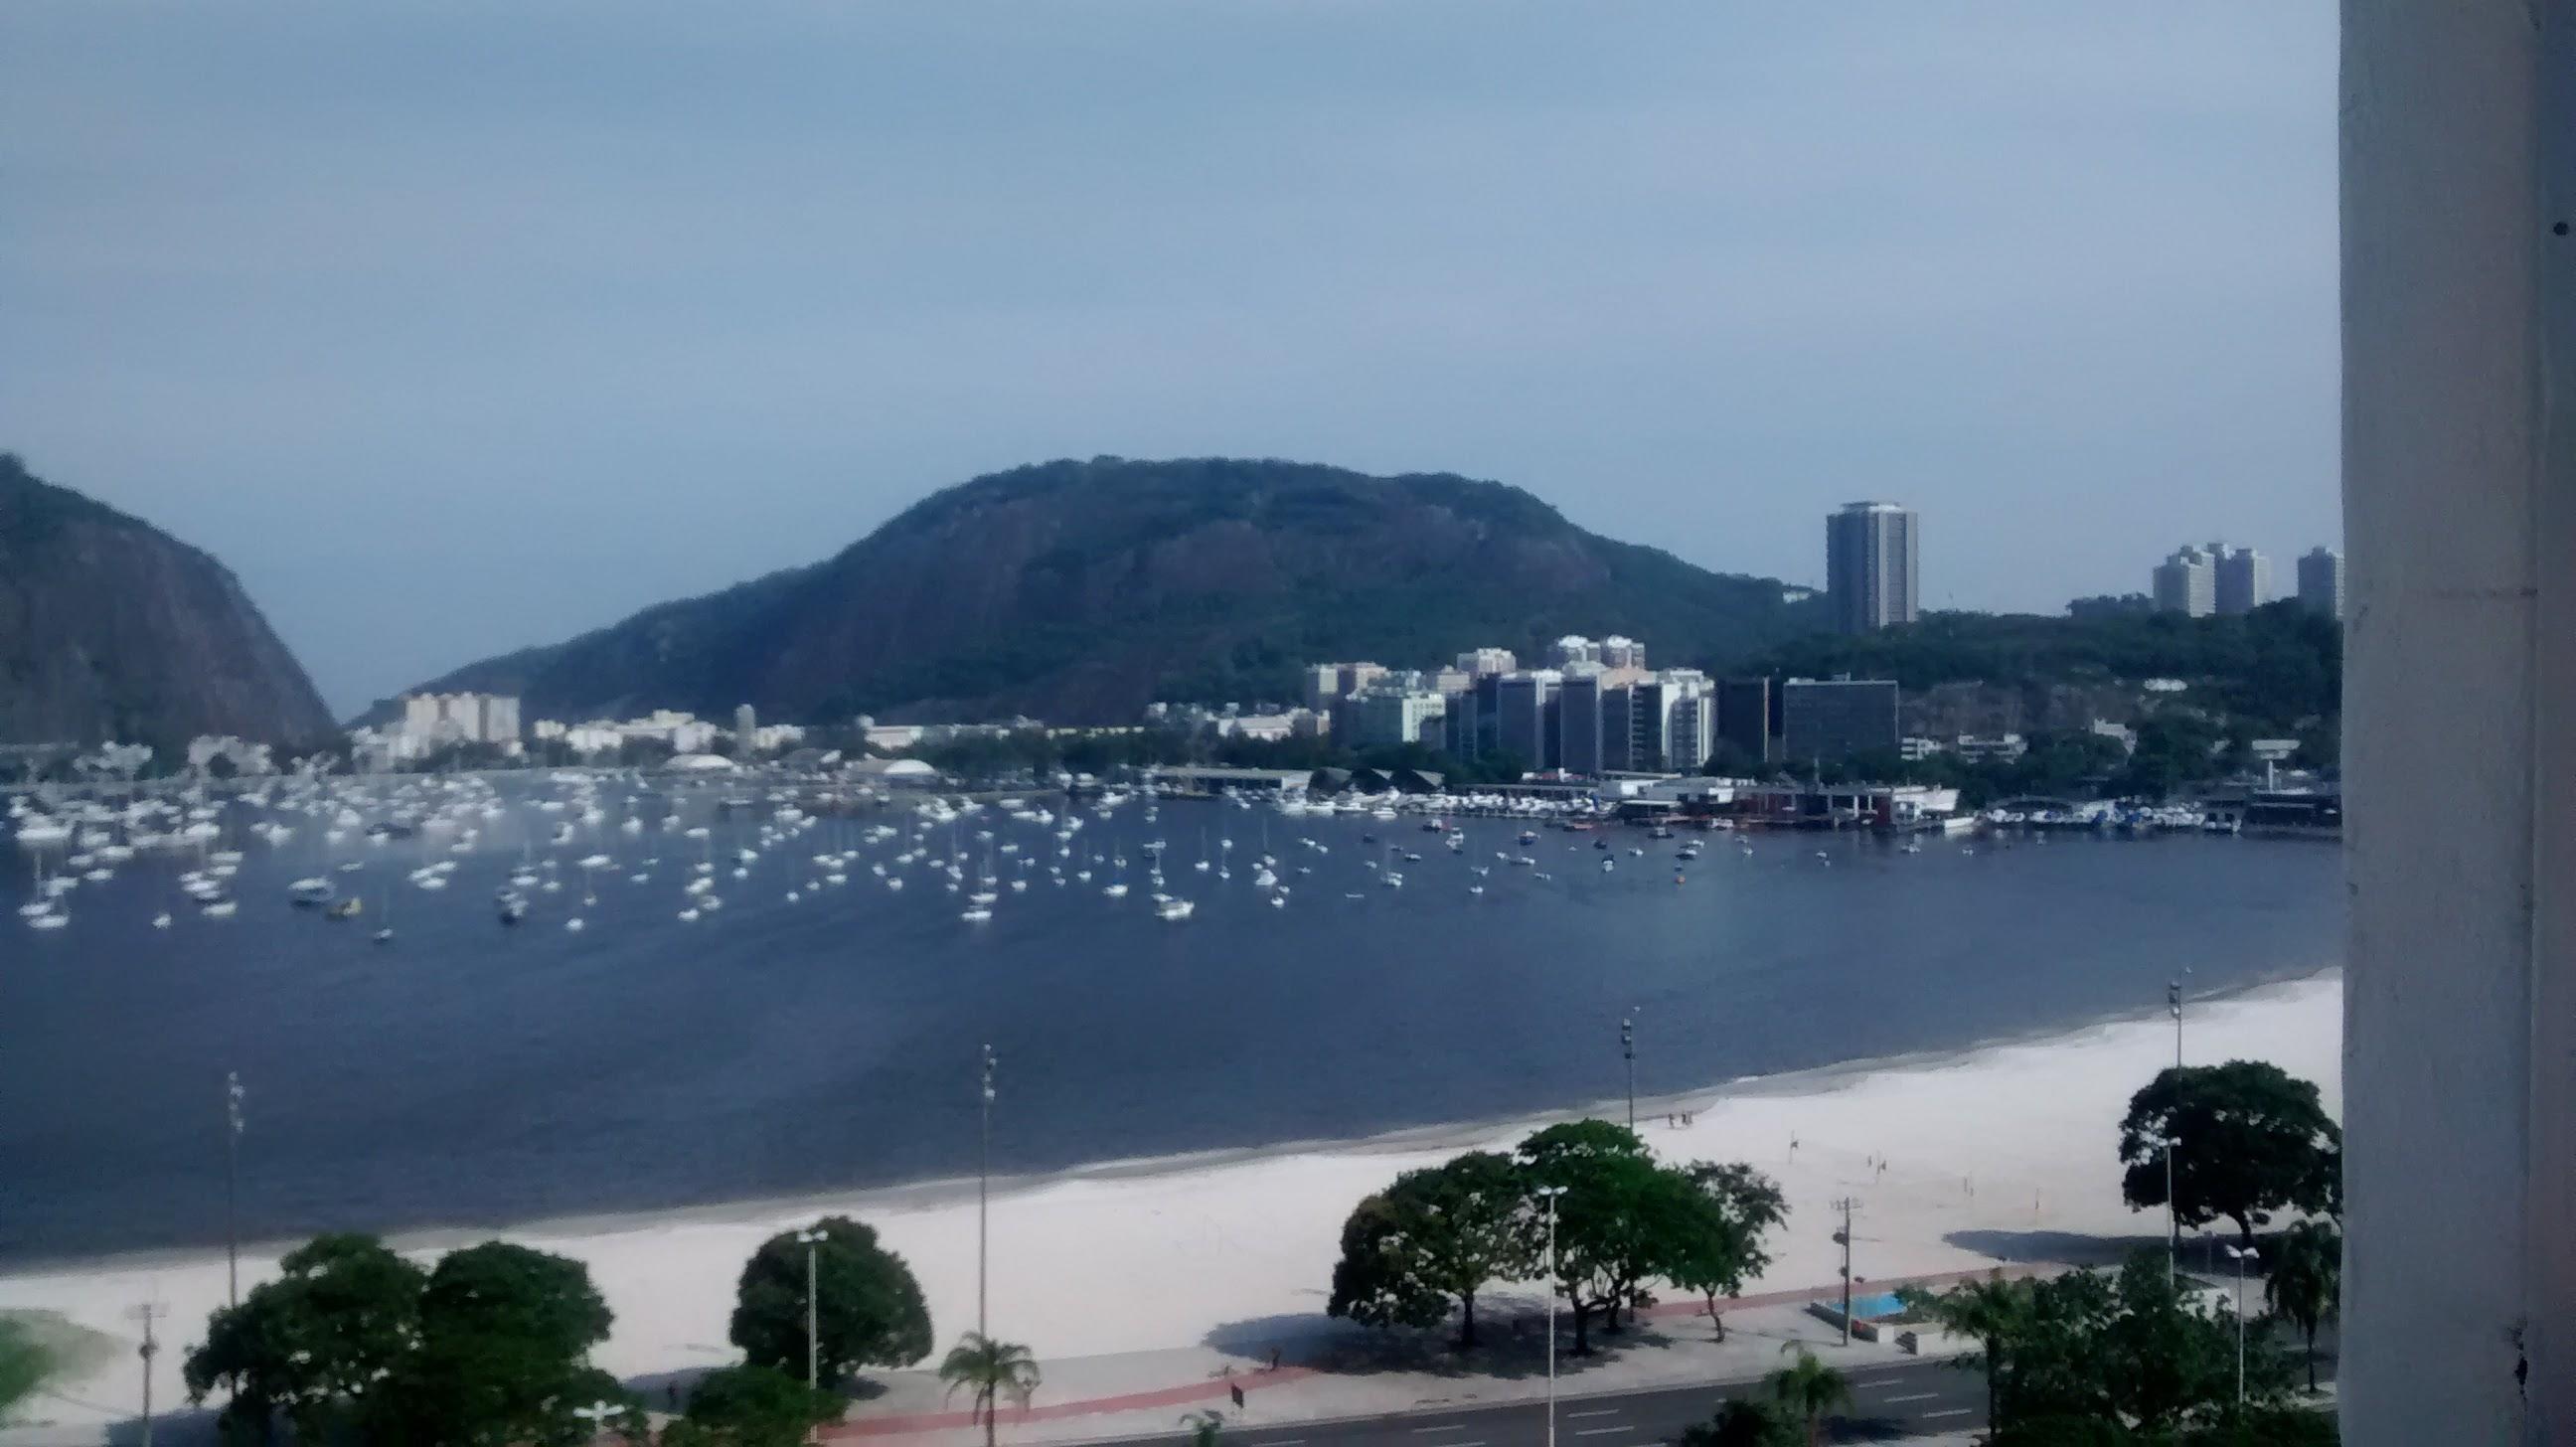 FOTO15 - Botafogo, coladinho shopping, sala, quarto, vista panorâmica! - AP3245 - 15